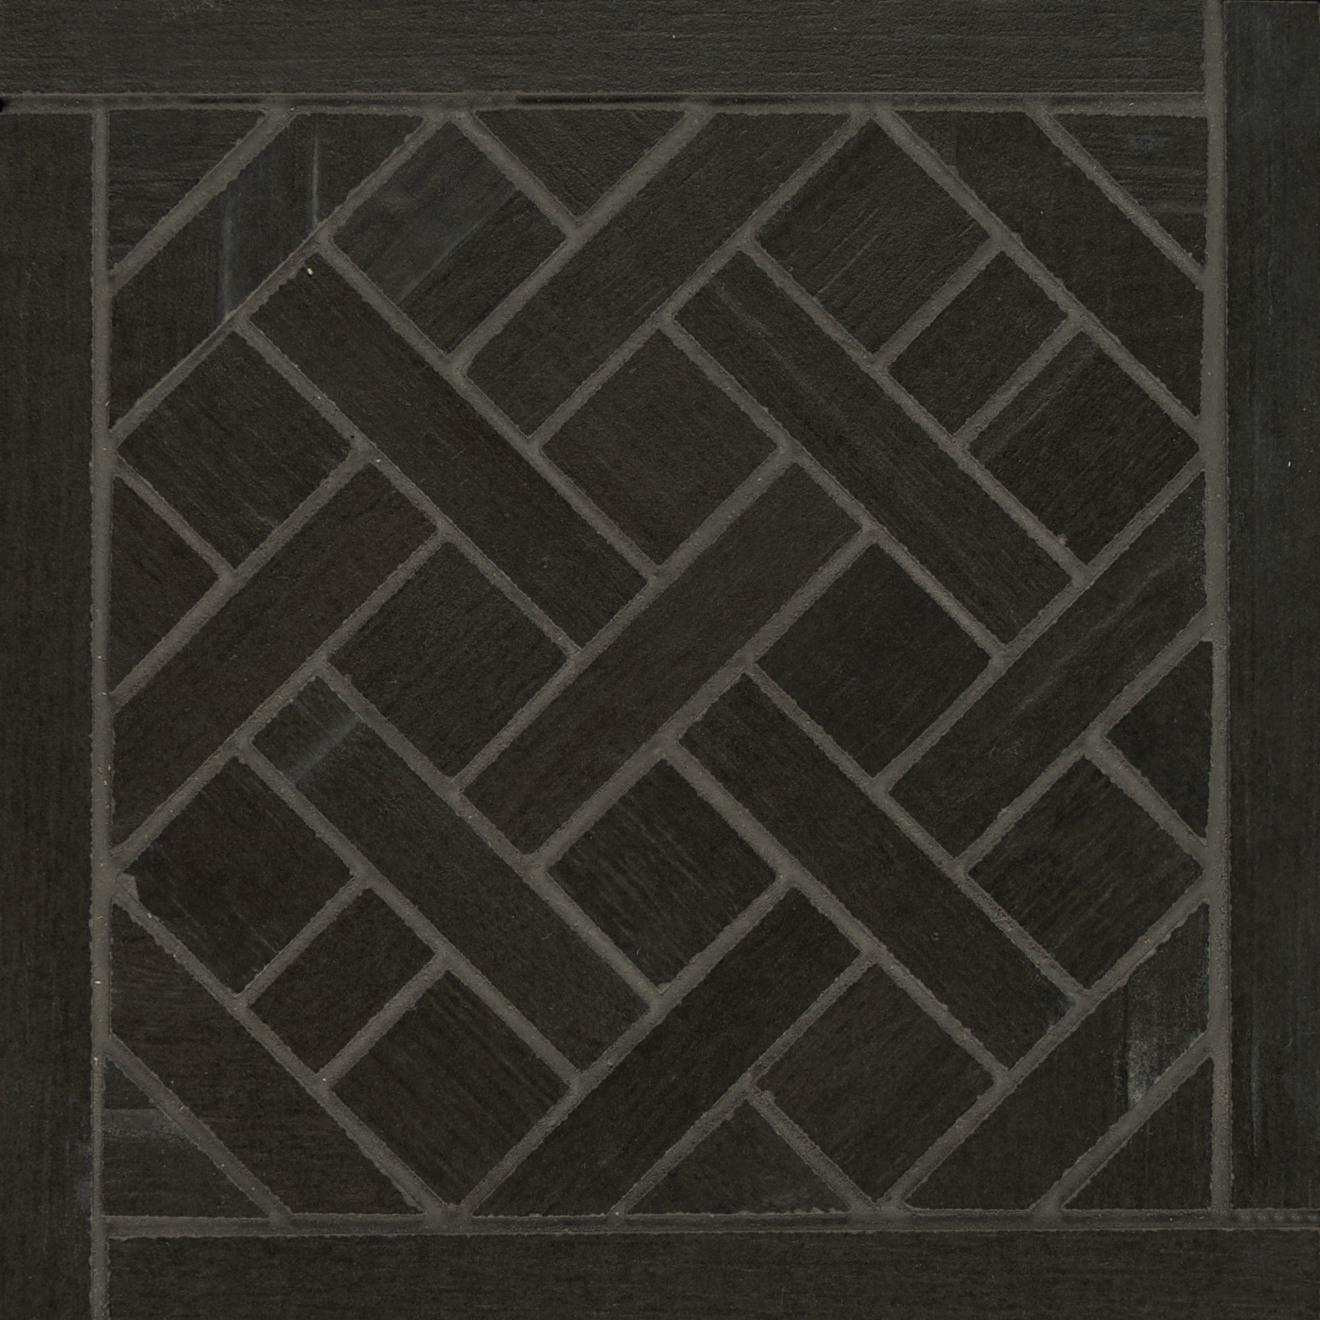 Barrique Floor & Wall Mosaic in Noir